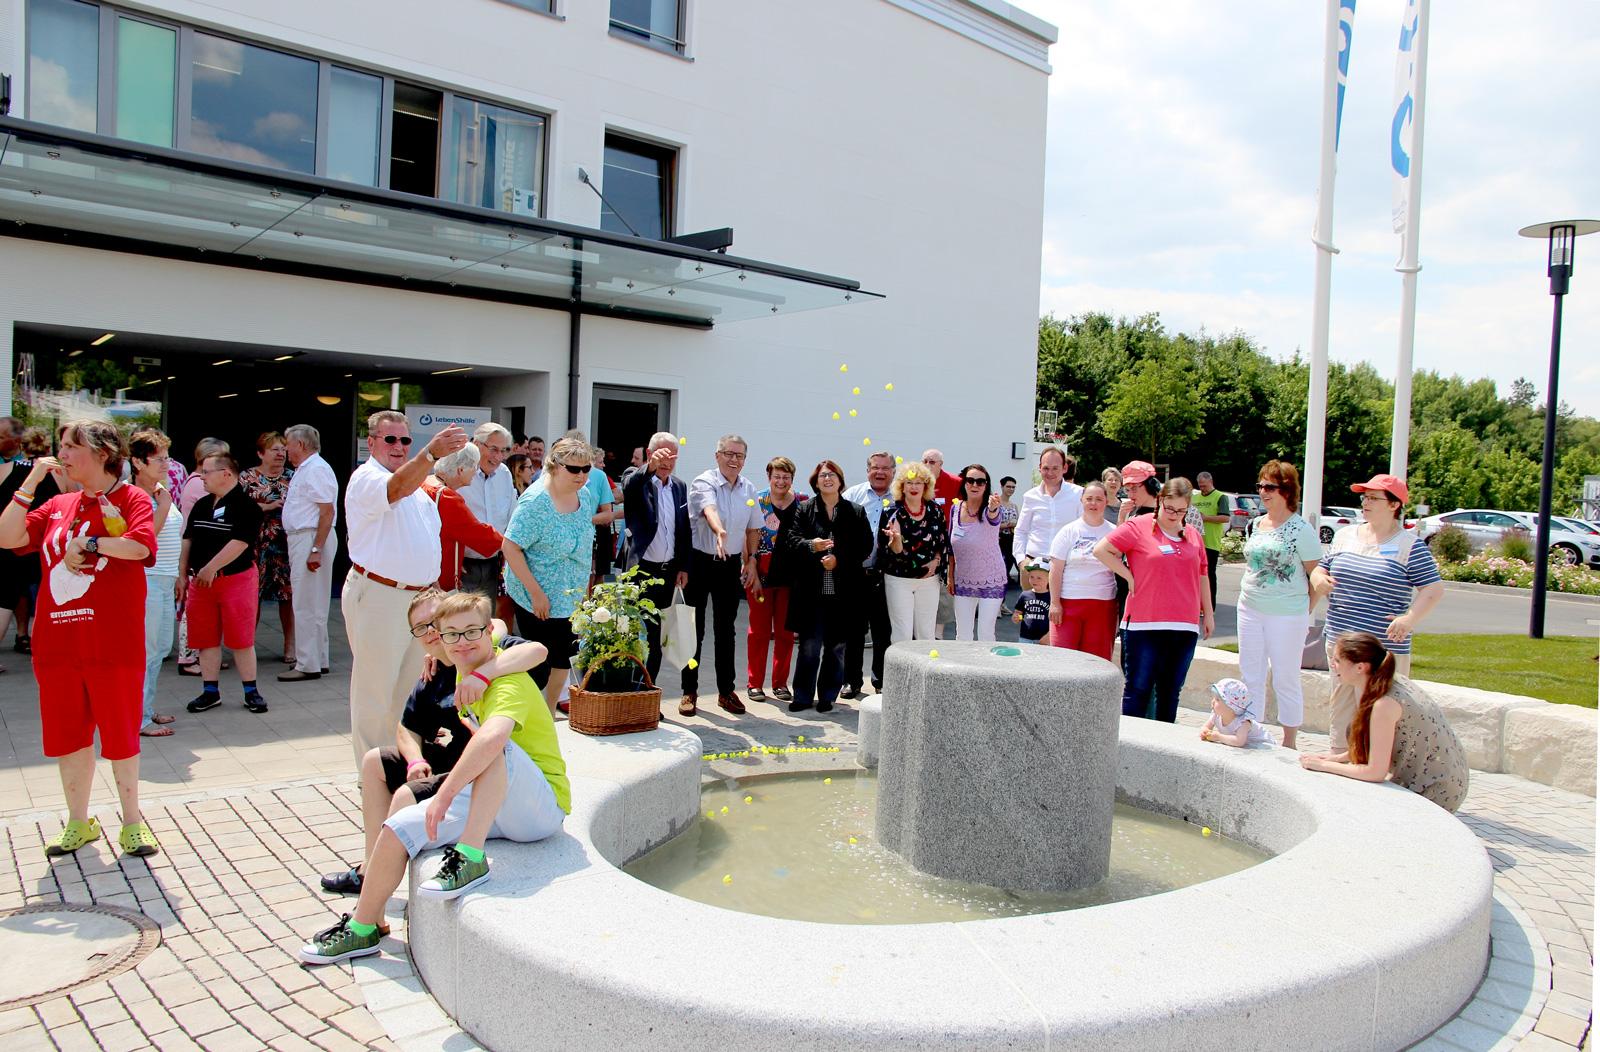 Wasser marsch! Gemeinsam mit Bewohnern gab Lebenshilfe-Chef John das Kommando zur Einweihung des Brunnens. Bewohner und Gäste ließen Plastikentchen zu Wasser.